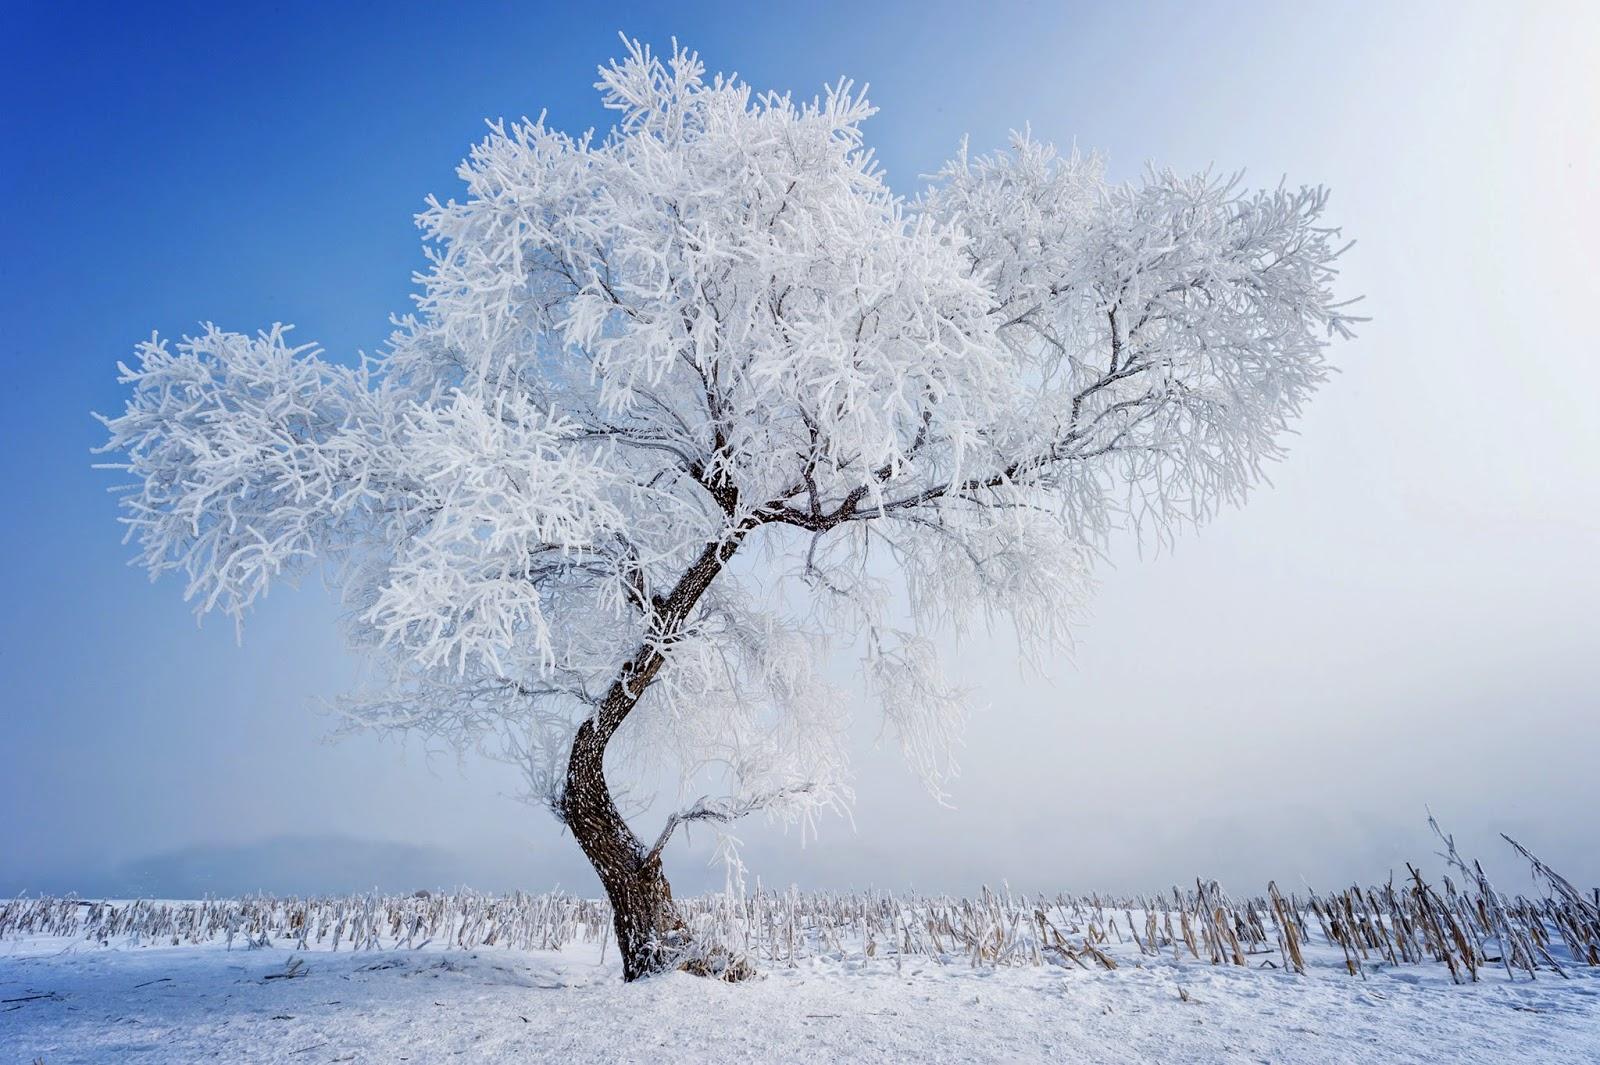 518192_derevo_zima_priroda_sneg_5600x3726_www-gdefon-ru